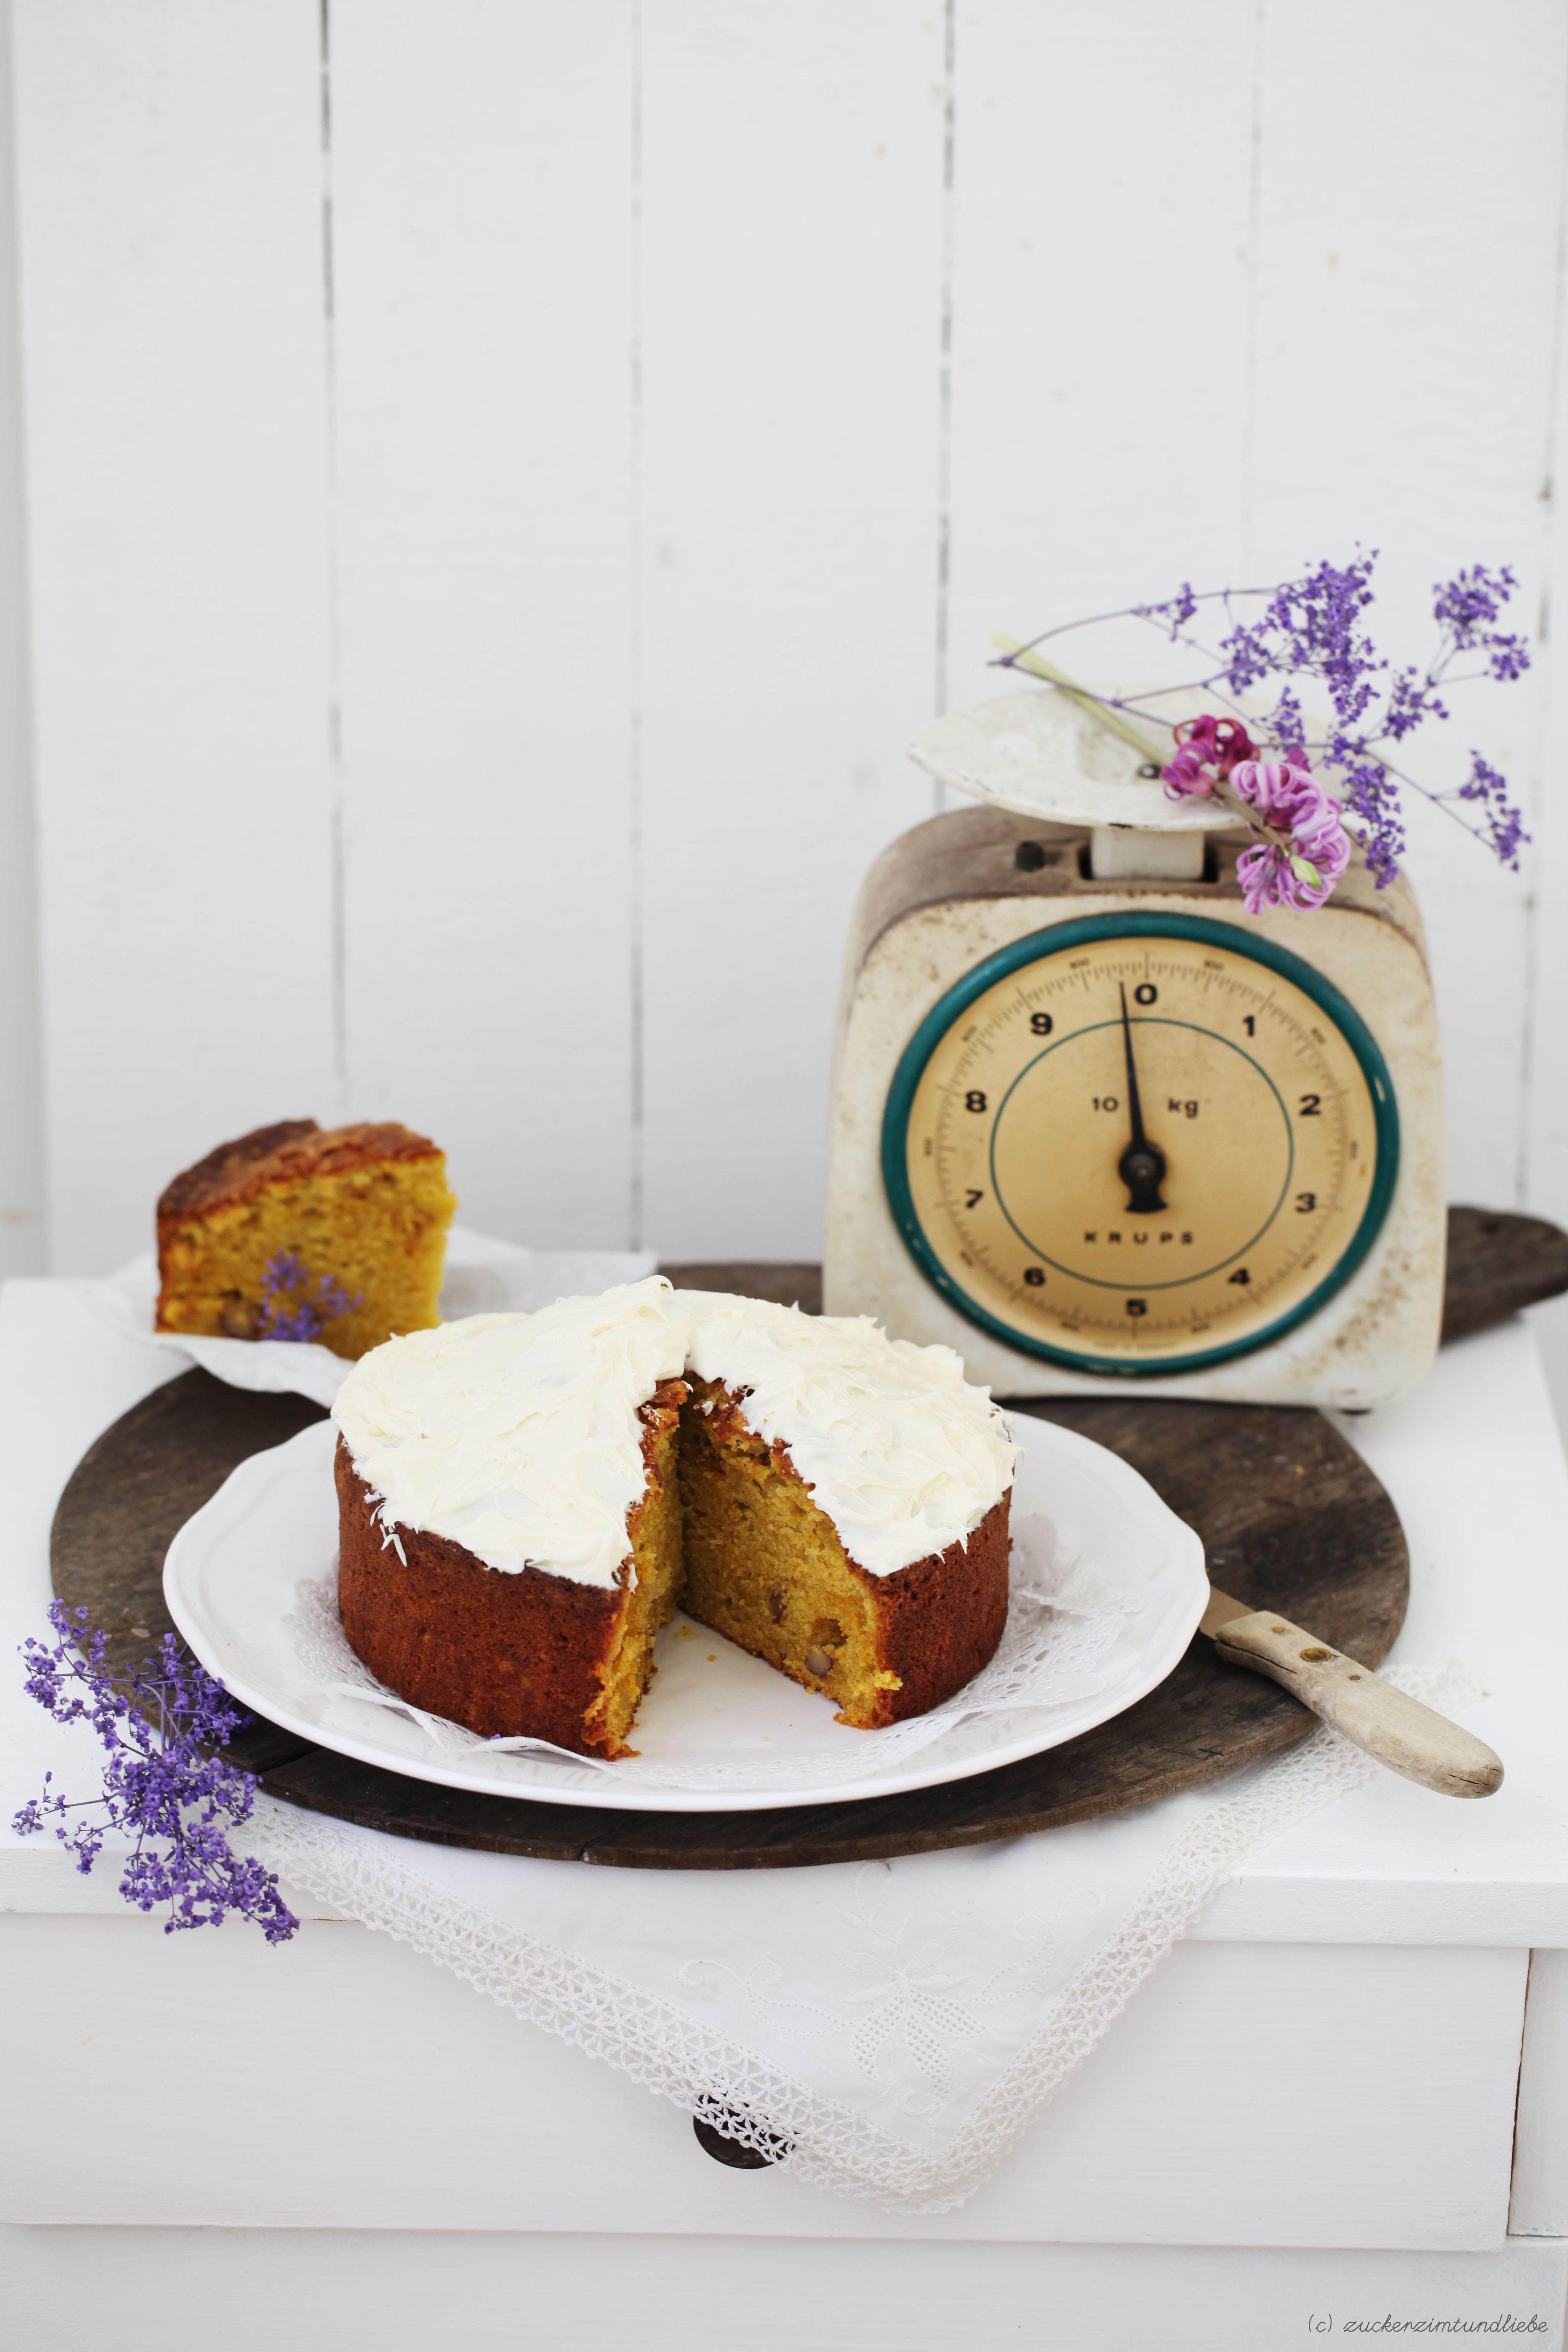 Süsskartoffelkuchen Rezept Zuckerzimtundliebe Backen Springform Foodblog6